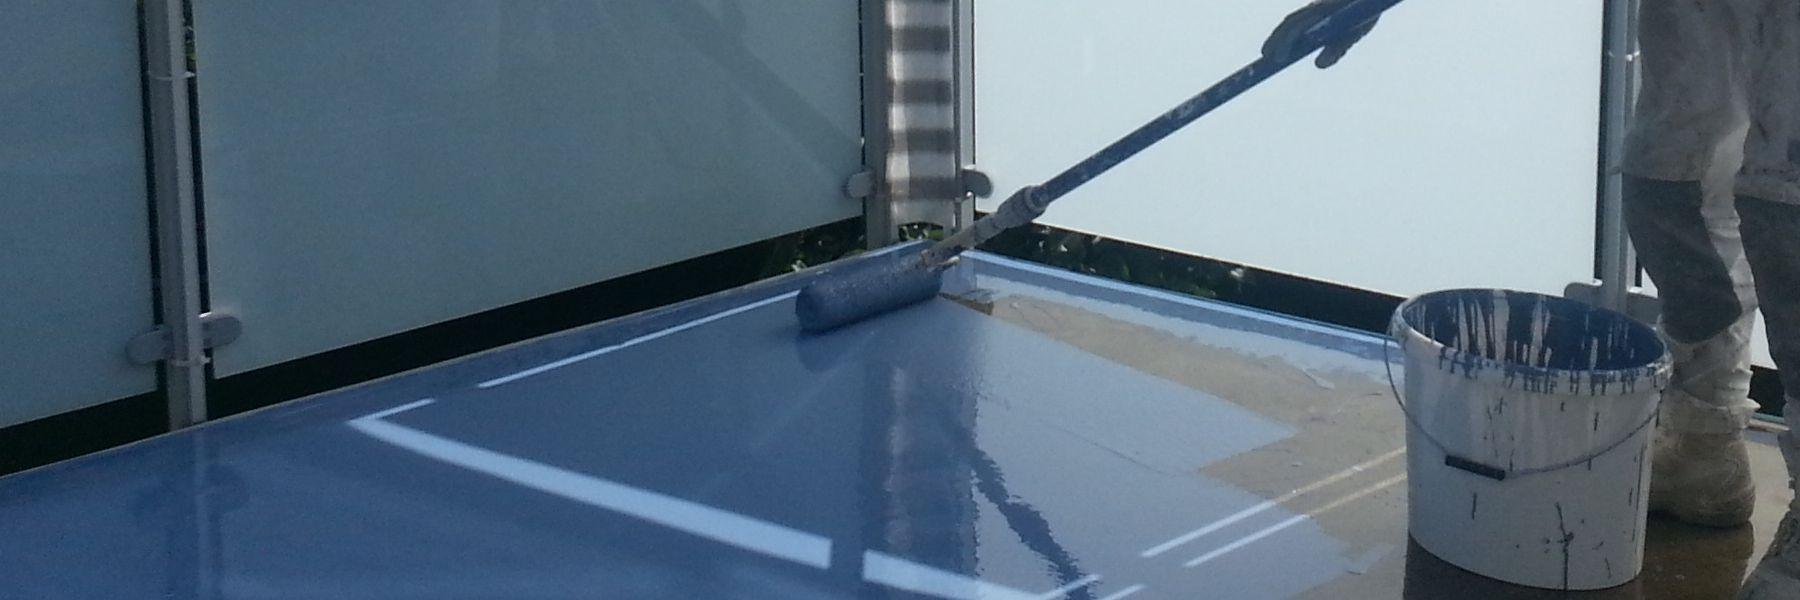 uv-stabil, rissüberbrückende PU-Verlaufsbeschichtung, auch als lichtechte Trägerschicht für Chipsbeläge, Farb-Versiegelung